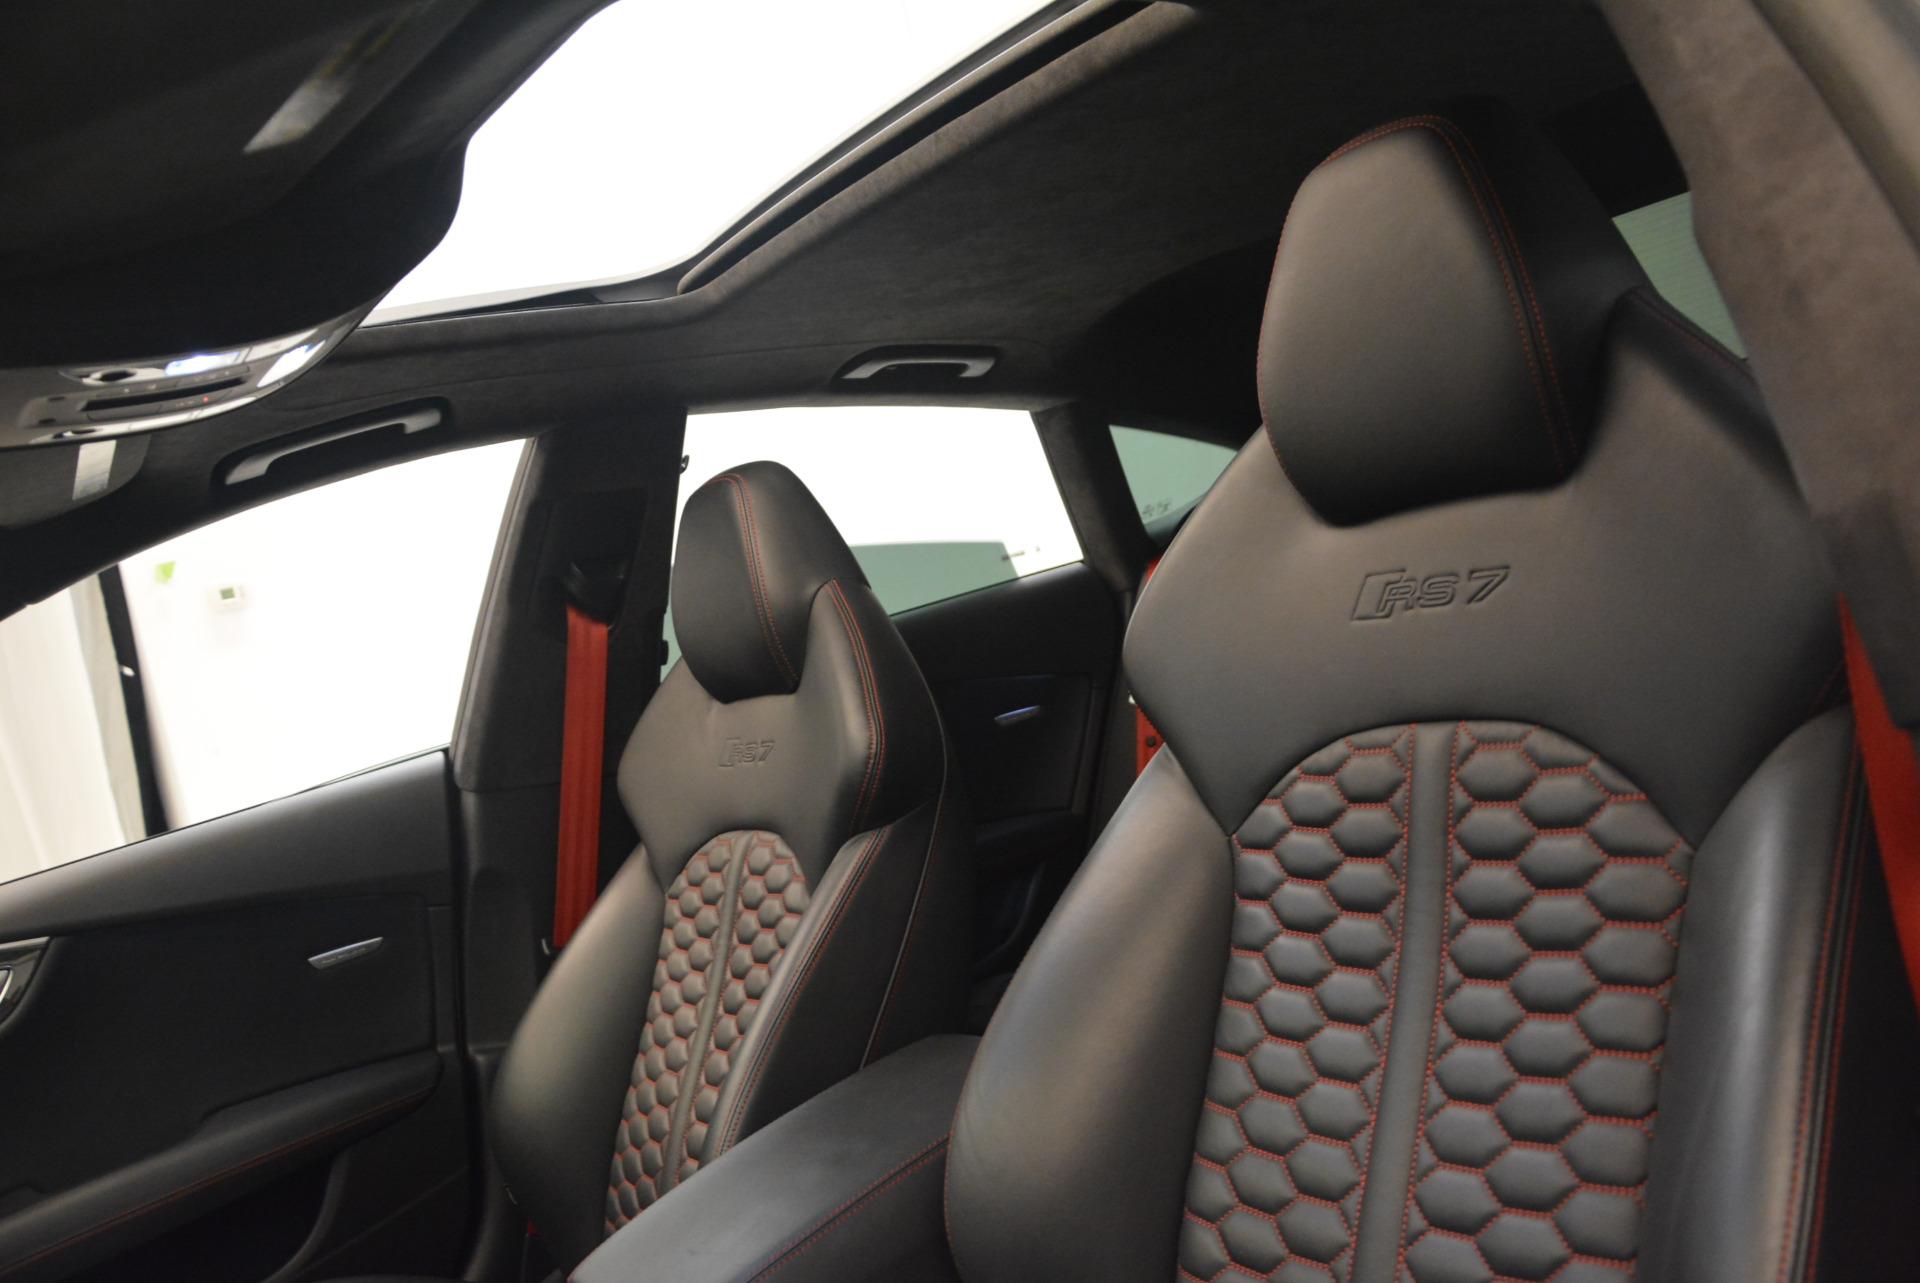 Used 2014 Audi RS 7 4.0T quattro Prestige For Sale In Westport, CT 1262_p23